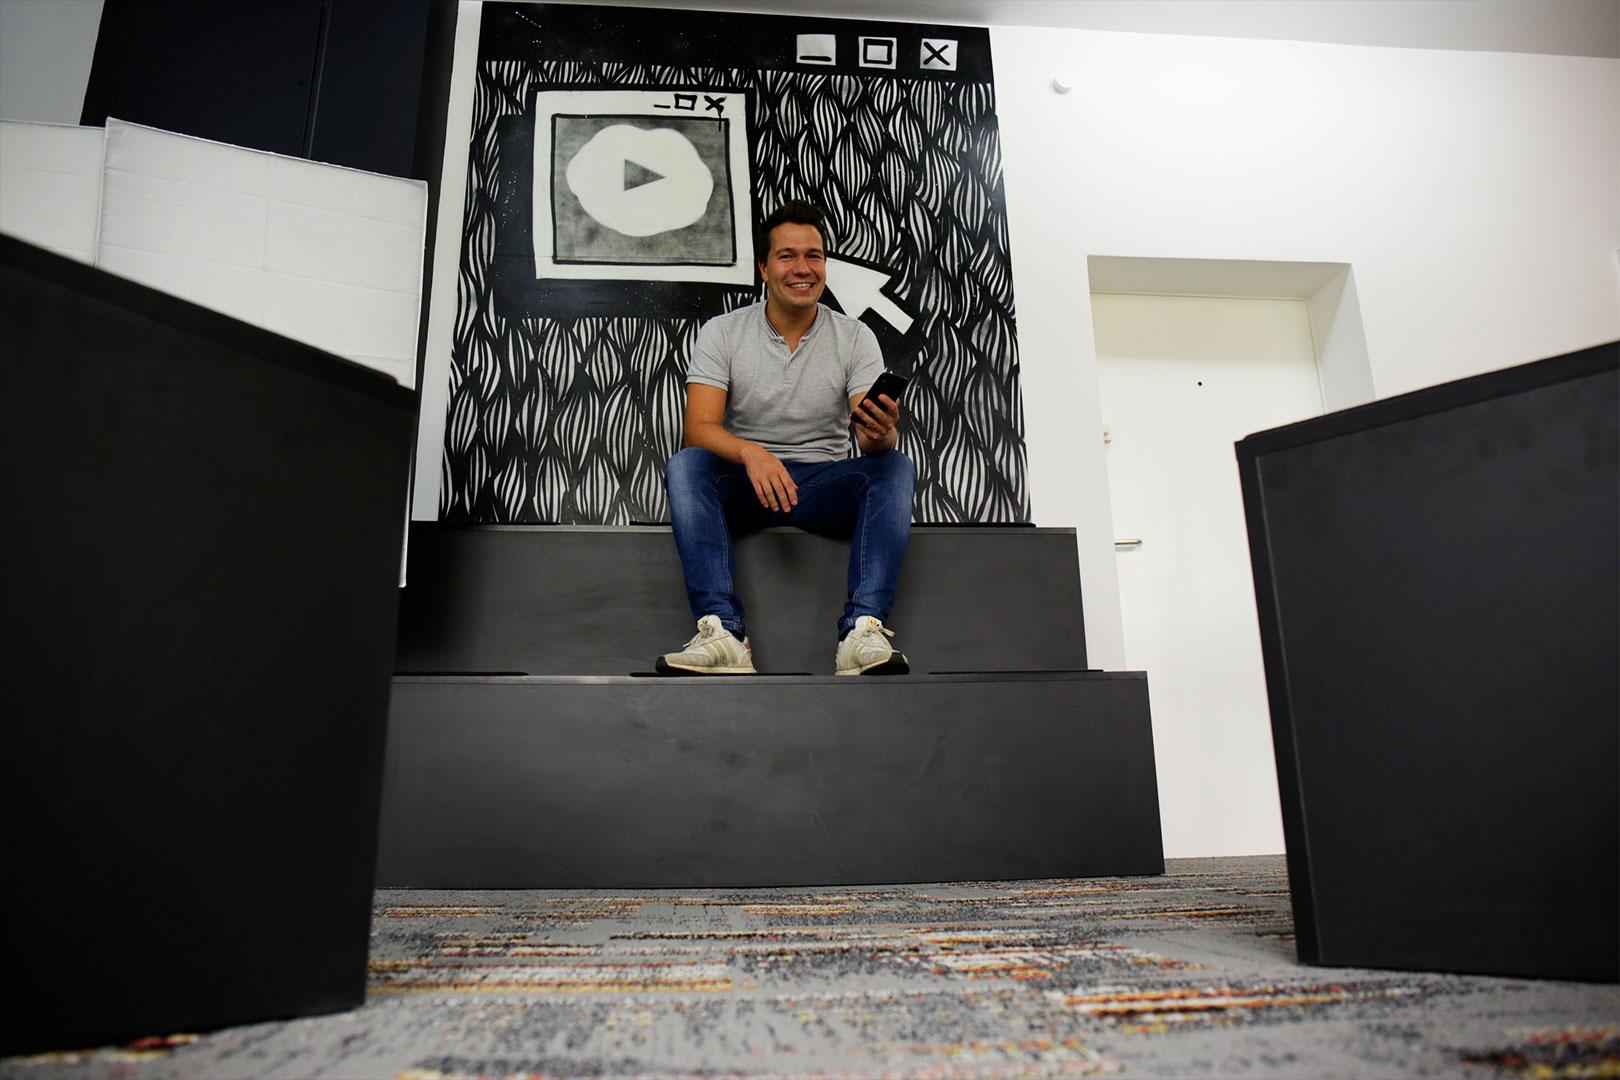 It's a room! Unser multifunktionaler Workspace erblickt das Licht der Welt